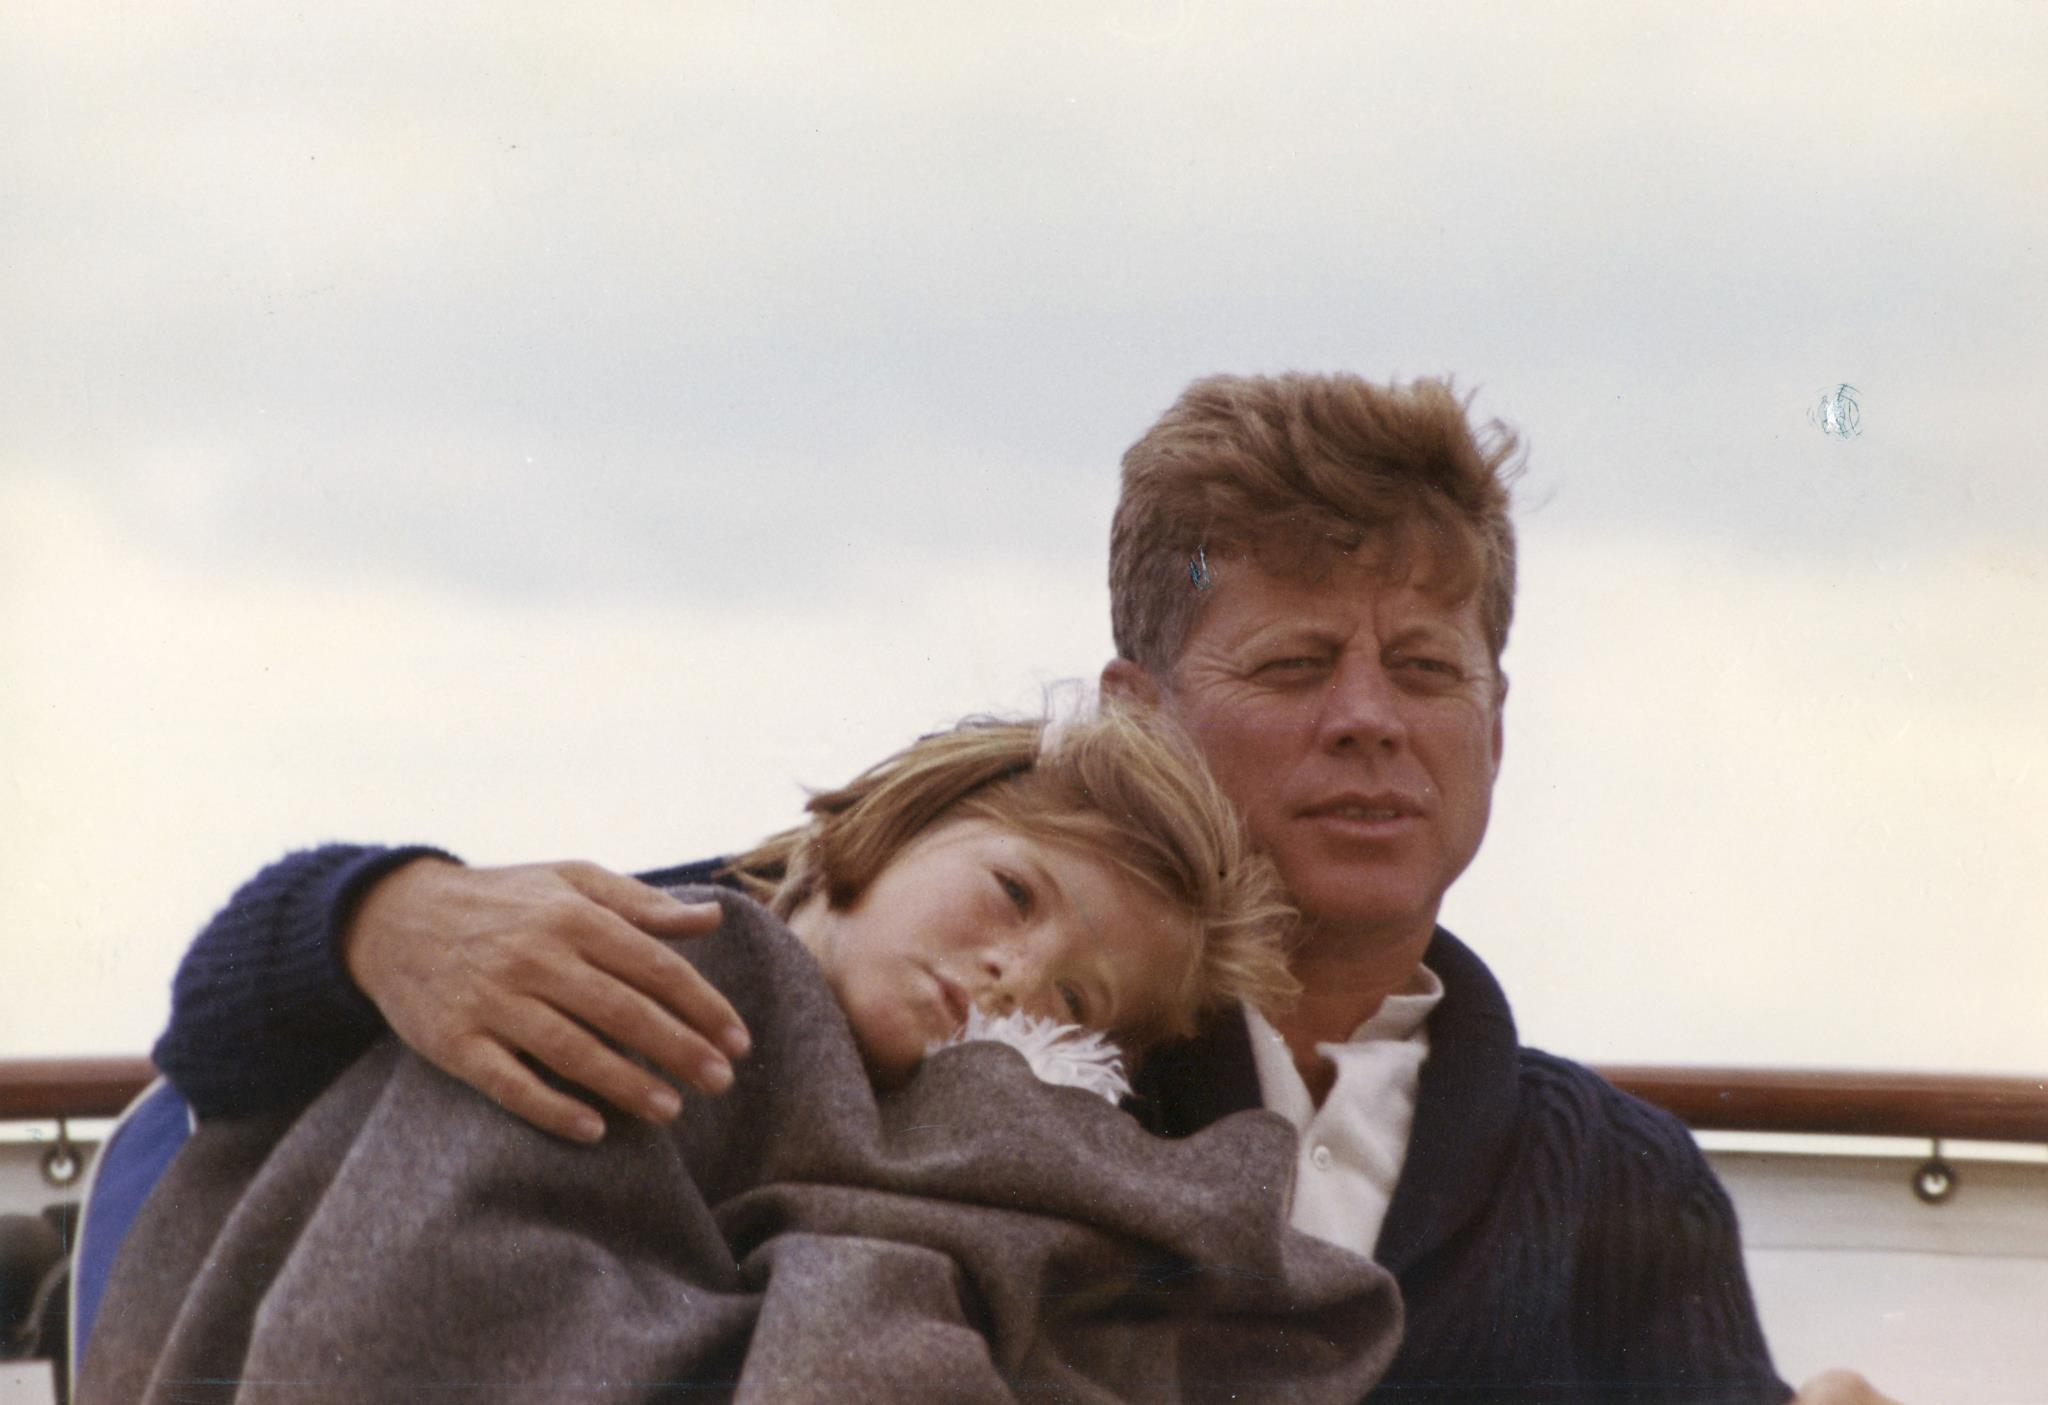 PÚBLICO - JFK: a vida de um ícone trágico em imagens